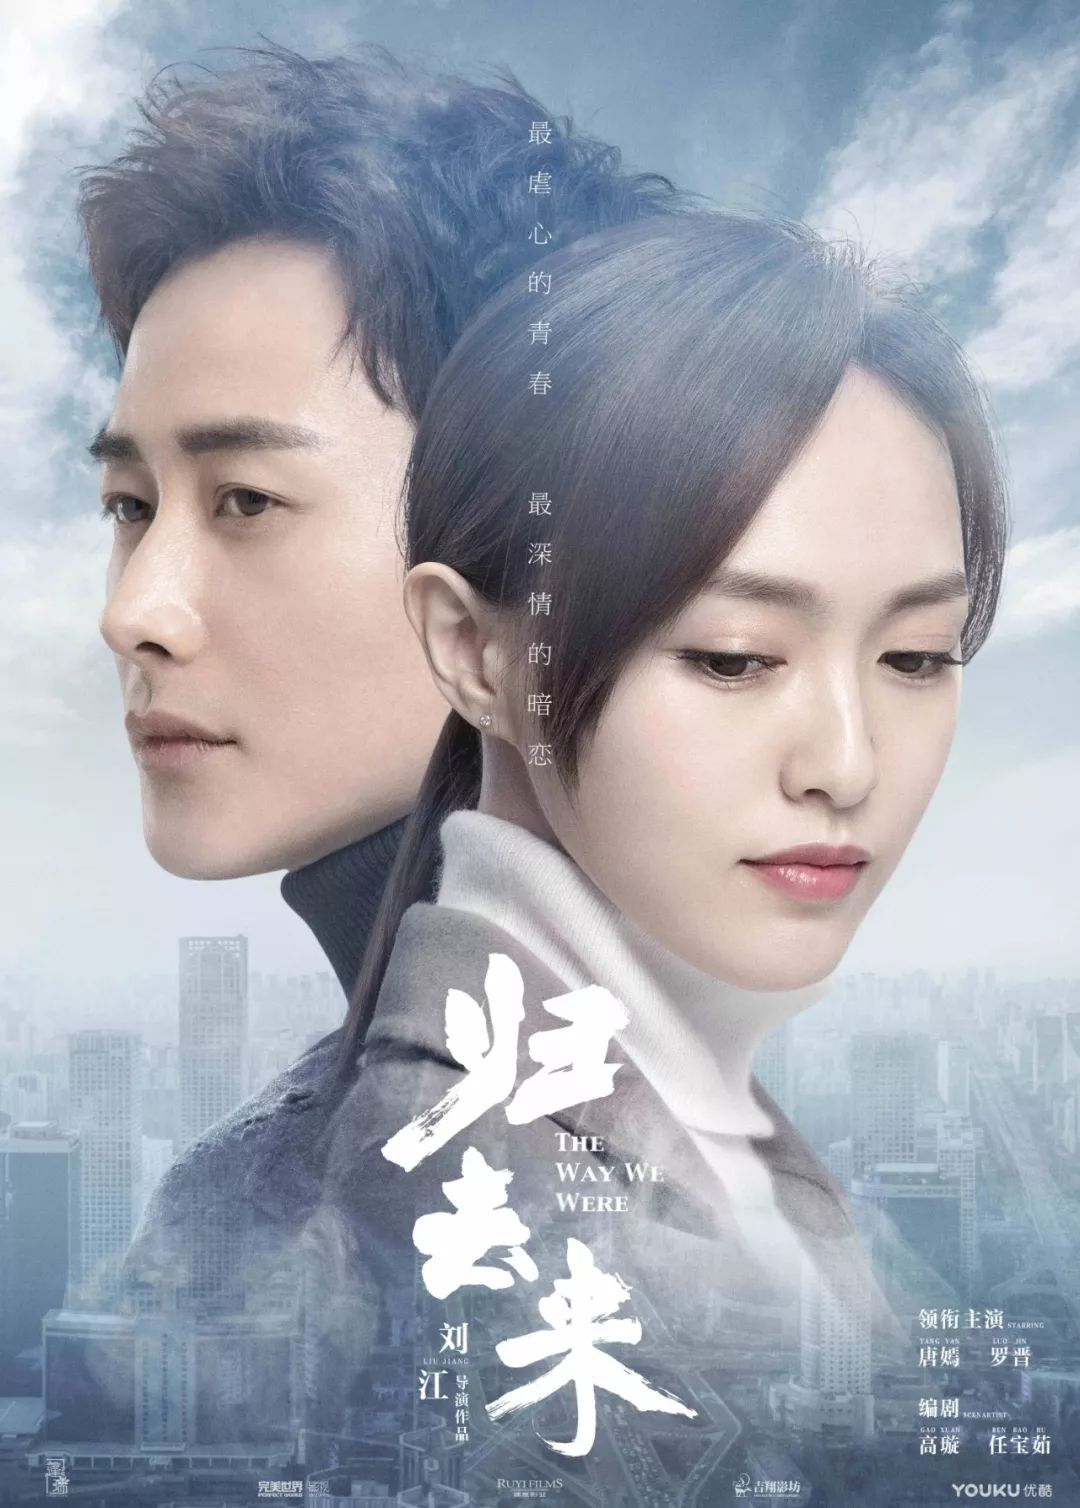 2018港剧排行榜_组图 盘点无线十年经典电视剧 再现港剧辉煌